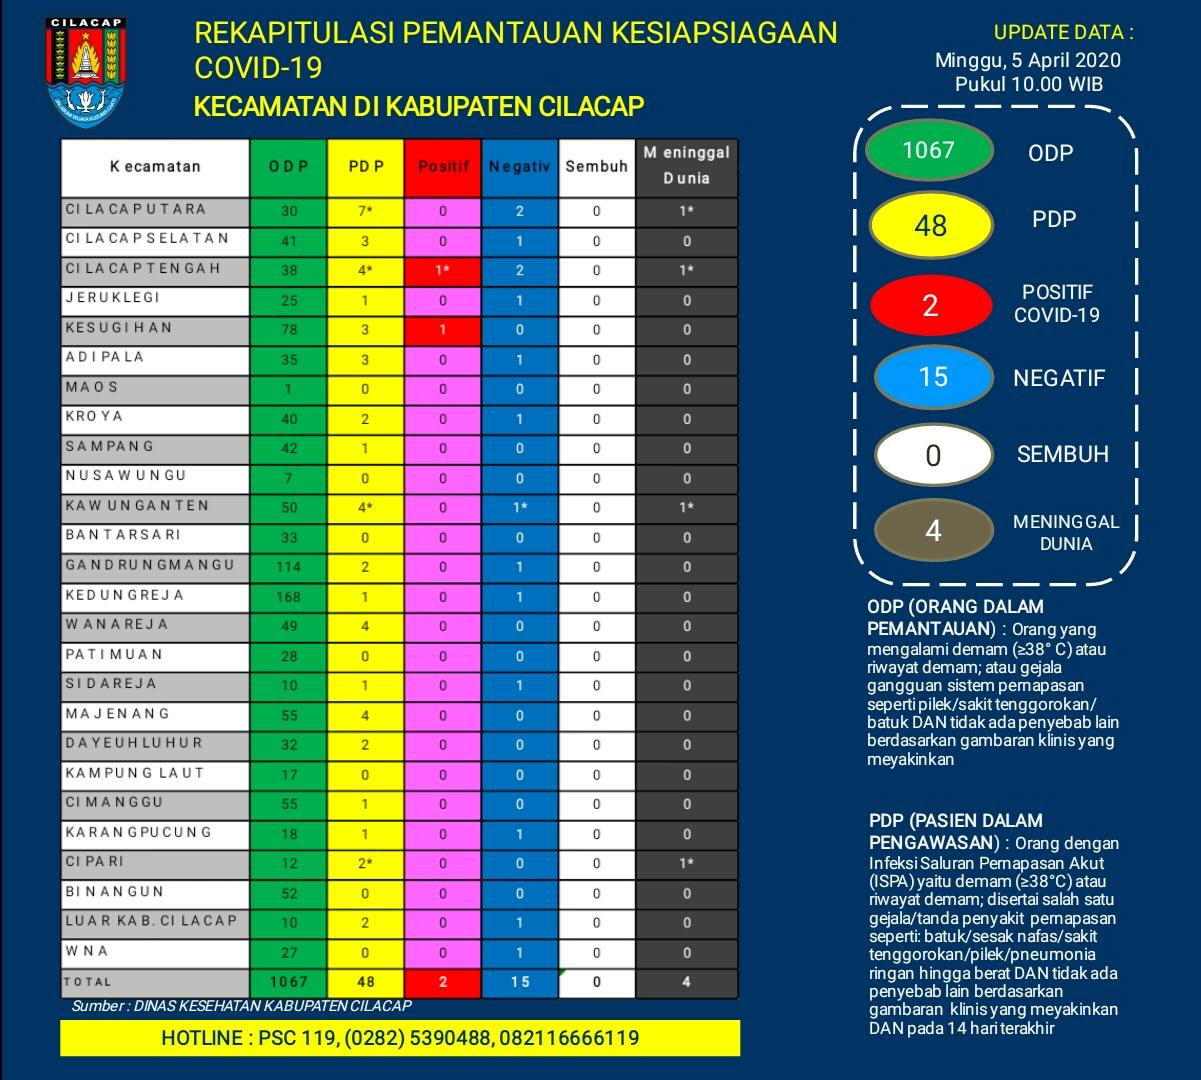 Rekapitulasi Pemantauan Kesiapsiagaan COVID-19 Kecamatan di Kabupaten Cilacap, 5 April 2020